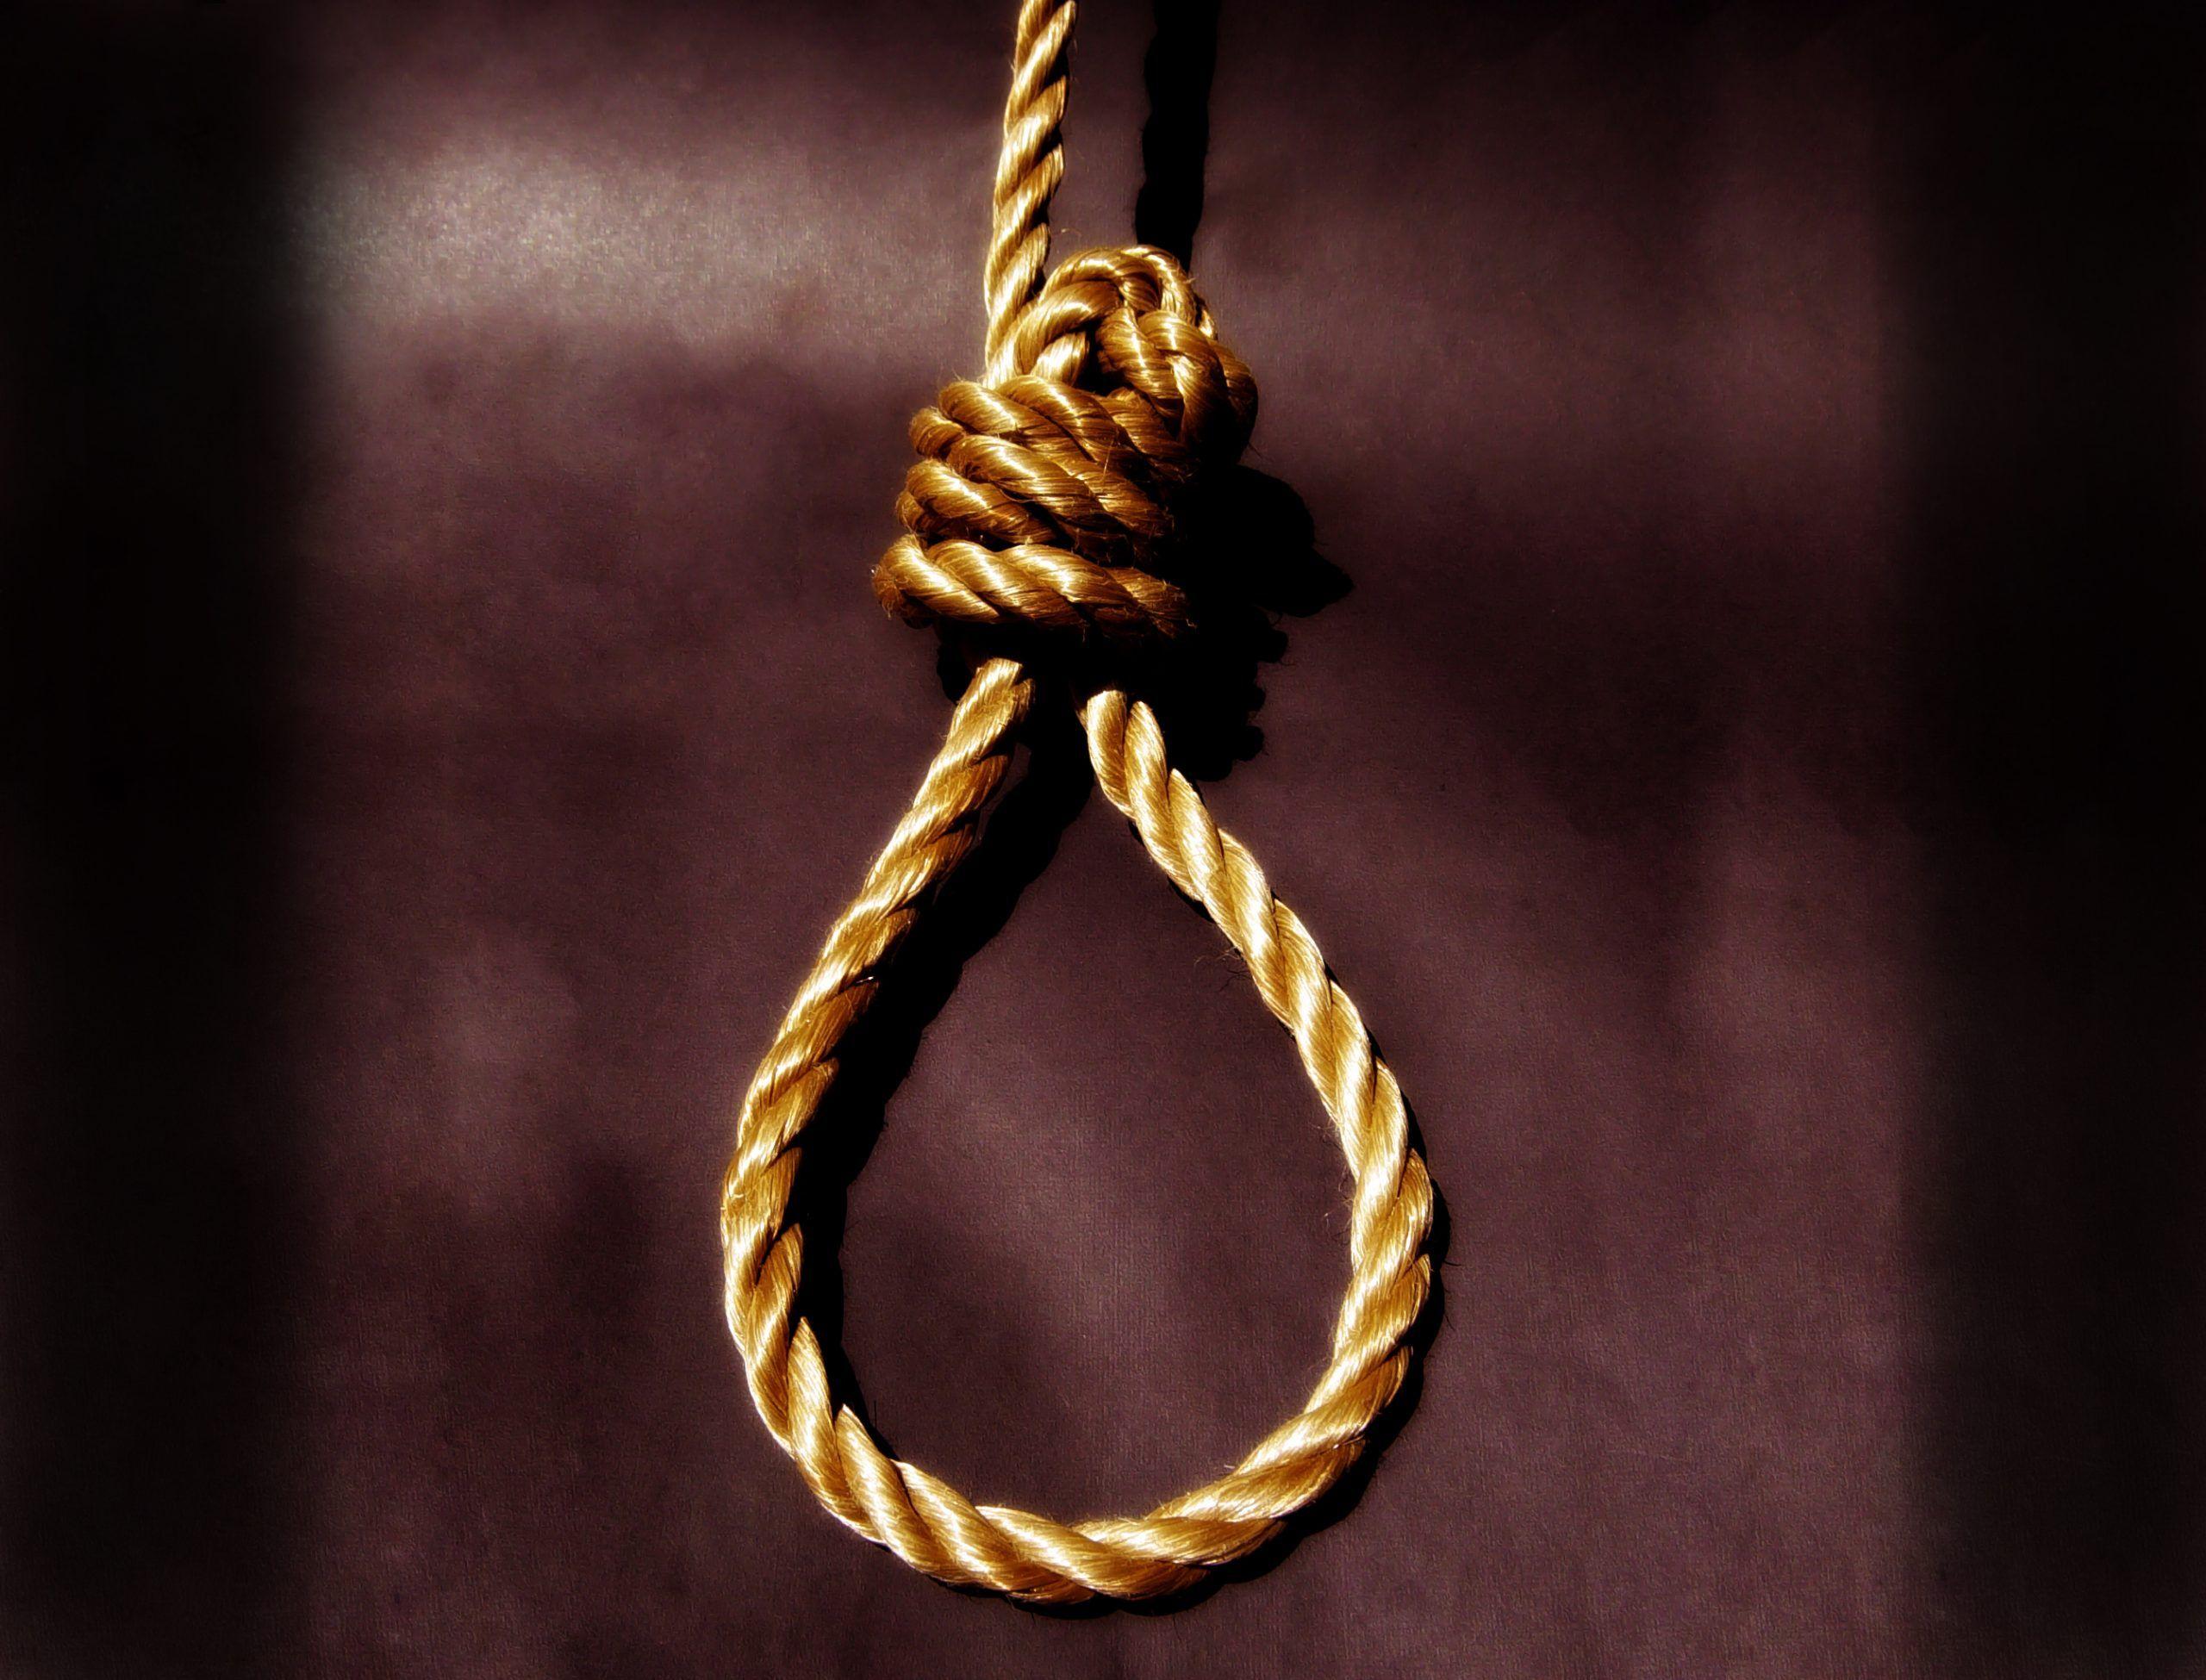 Pena di morte oggi: aumentano gli omicidi di stato